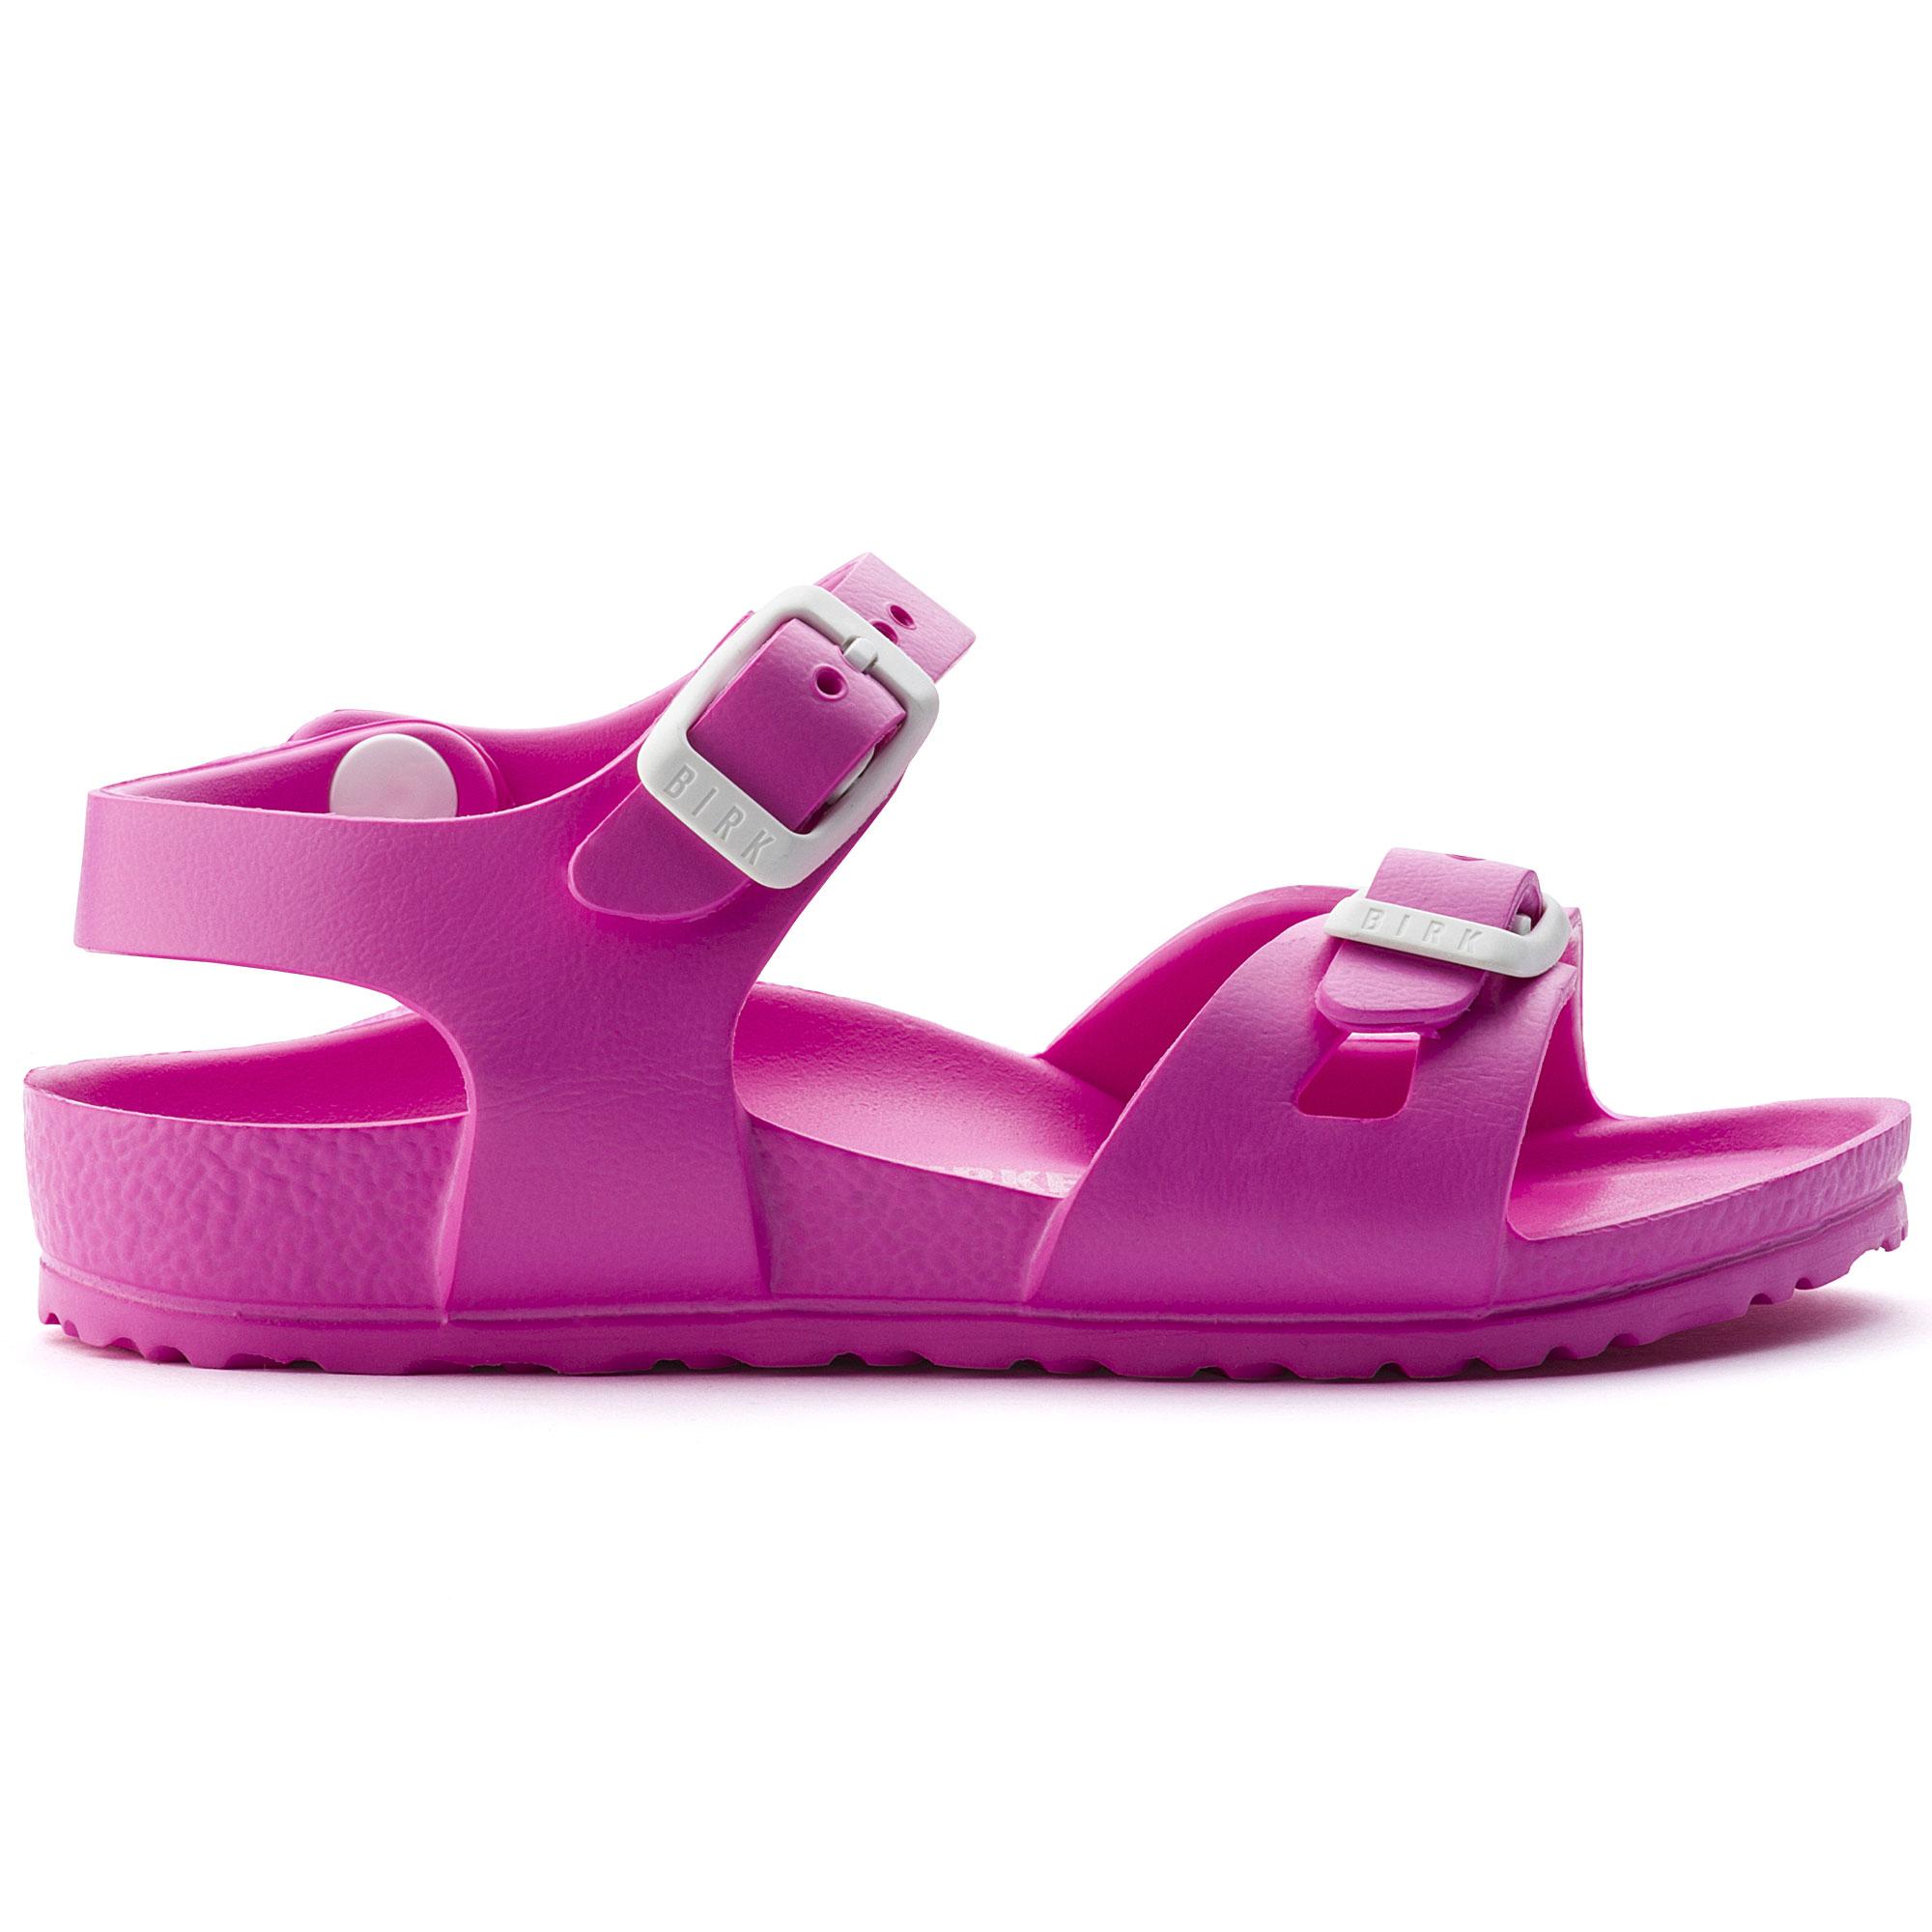 Birkenstock Rio Kids EVA Neon Pink 126163 26